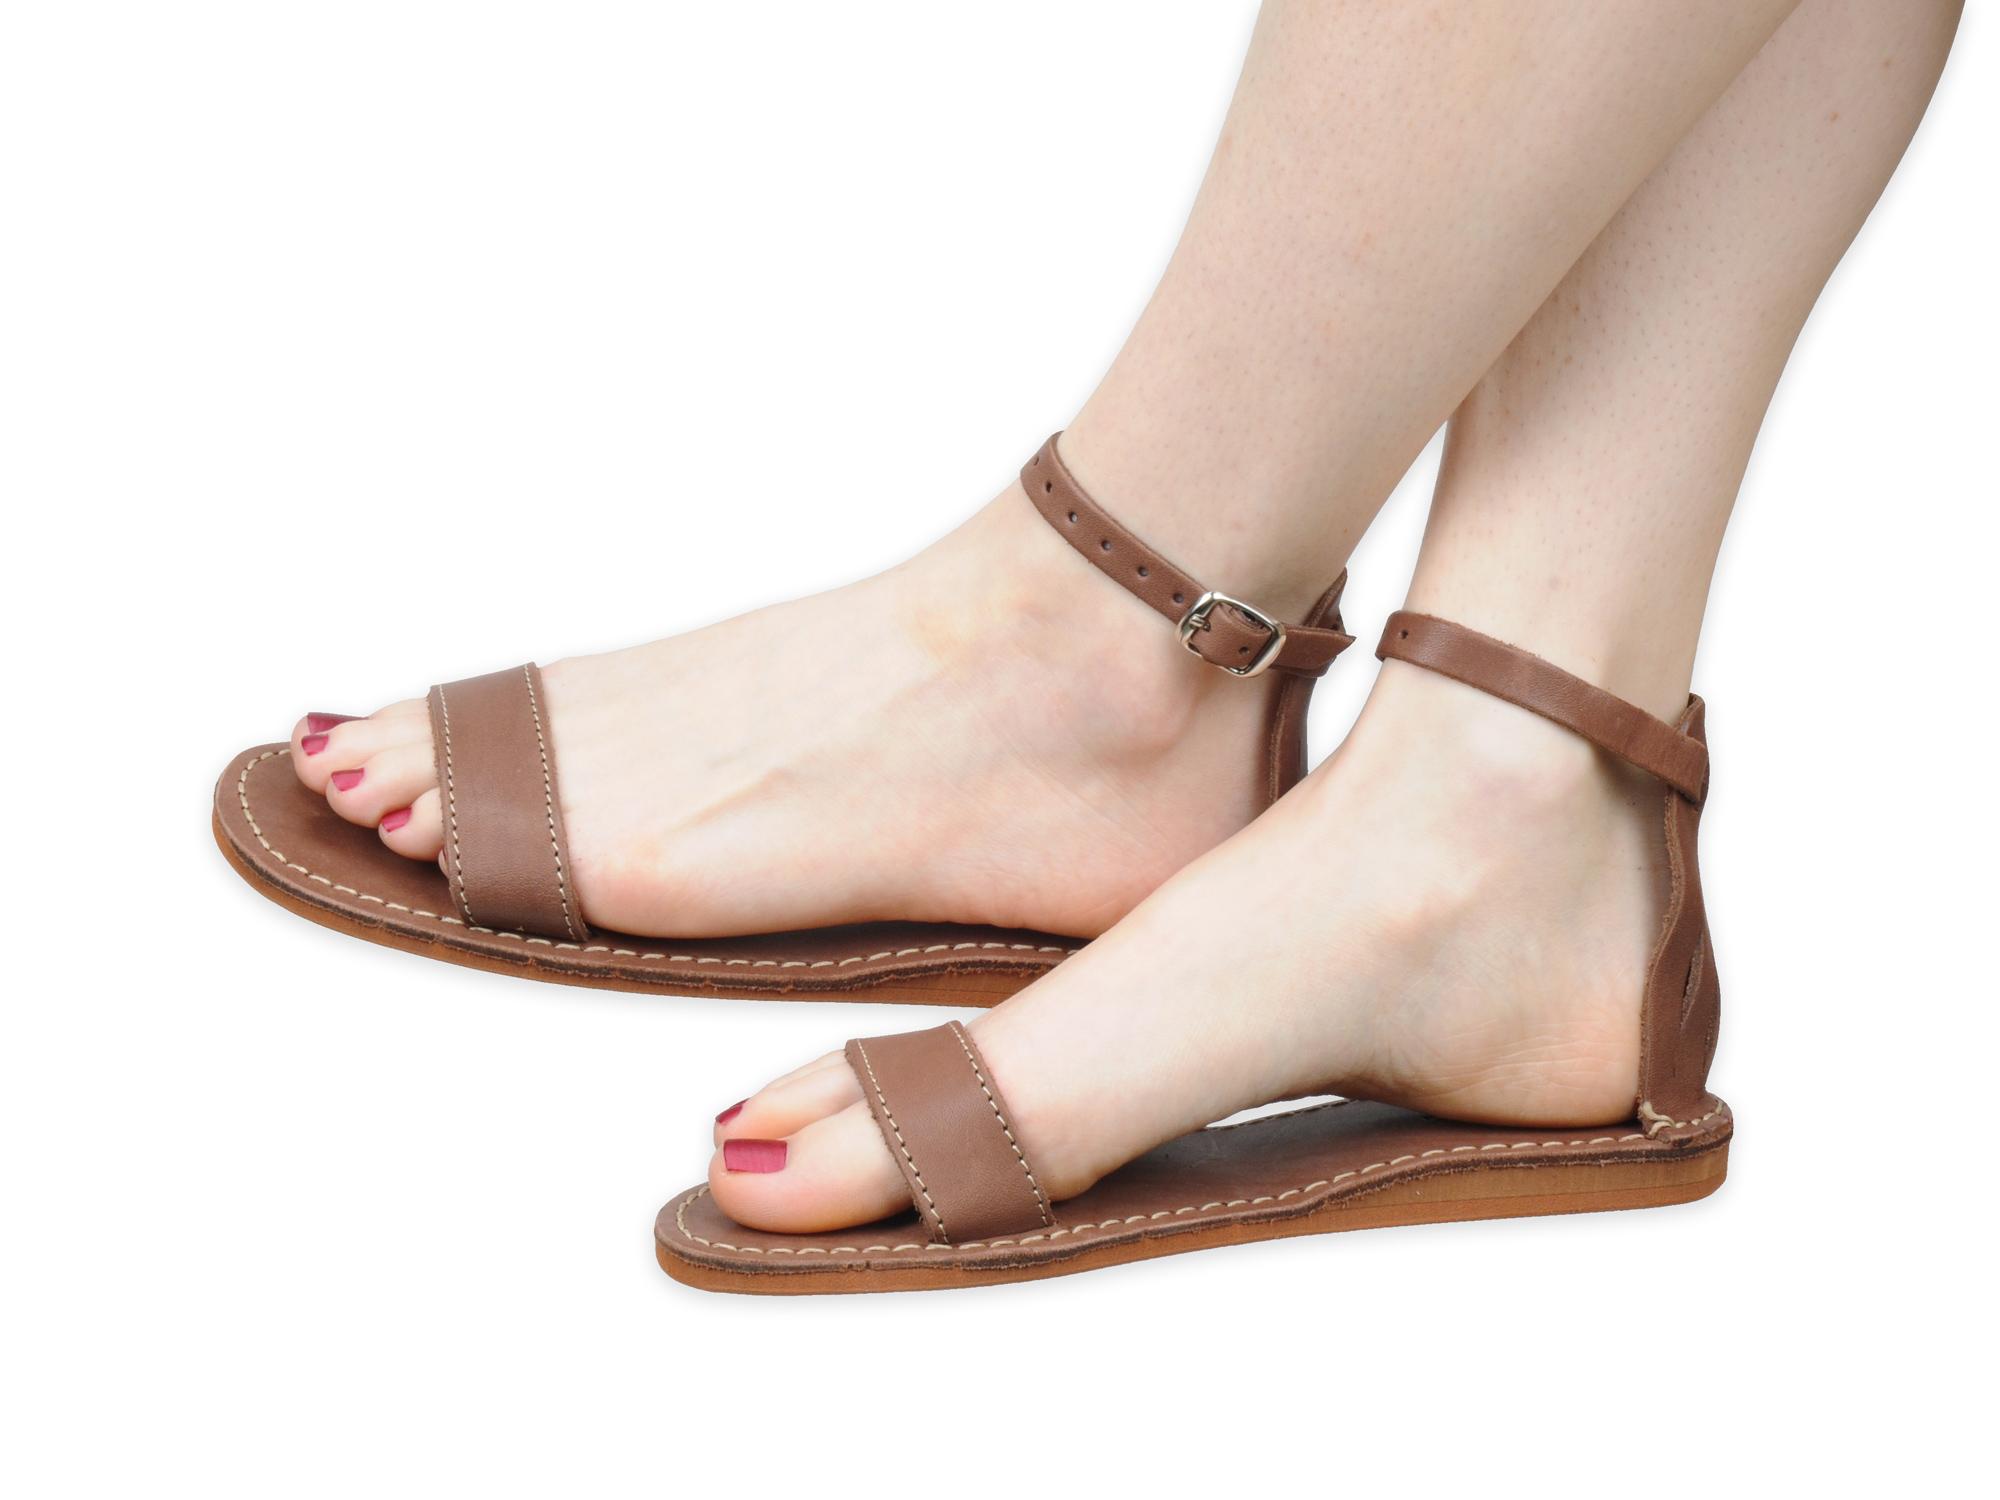 Sandały Gladiatorki skórzane rzymianki skóra nr 35